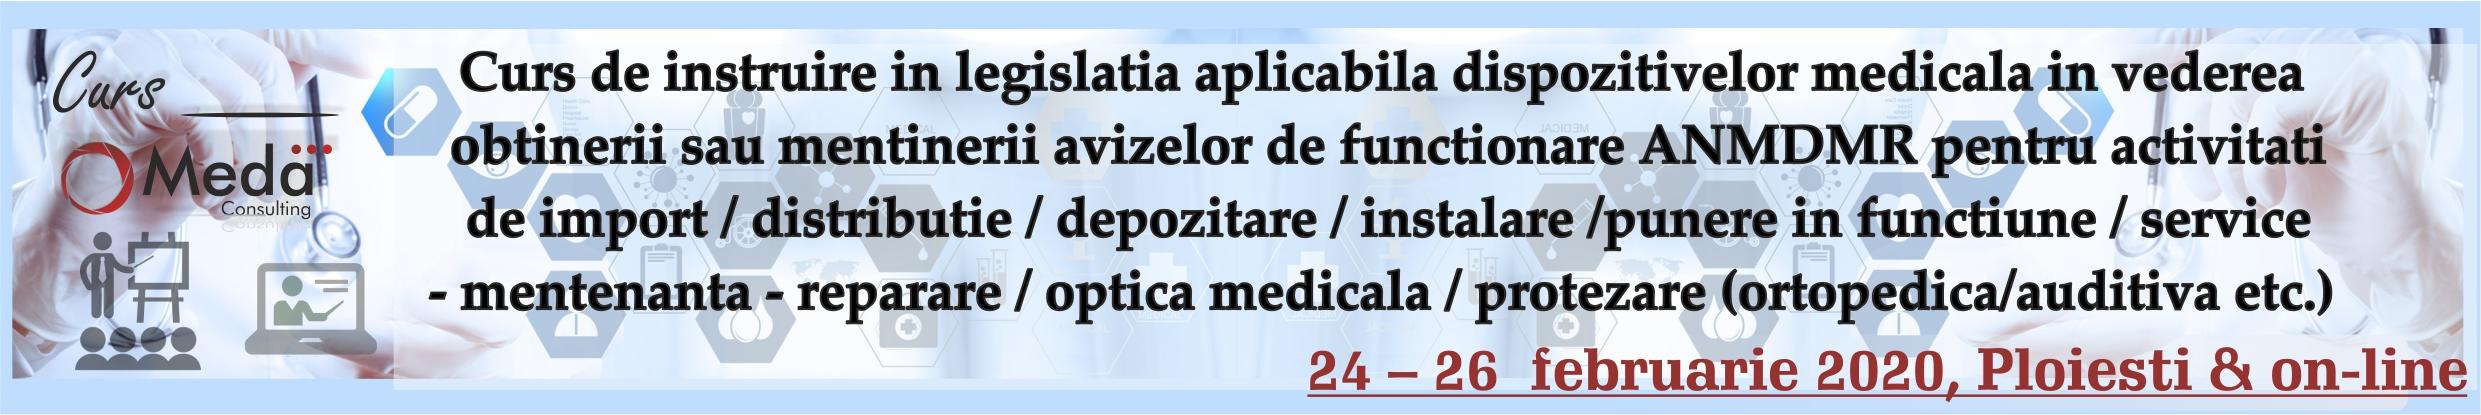 curs de instruire in legislatia aplicabila dispozitivelor medicale in vederea obtinerii sau mentinerii avizelor de functionare anmdmr pentru activitati de import distributie mentenanta